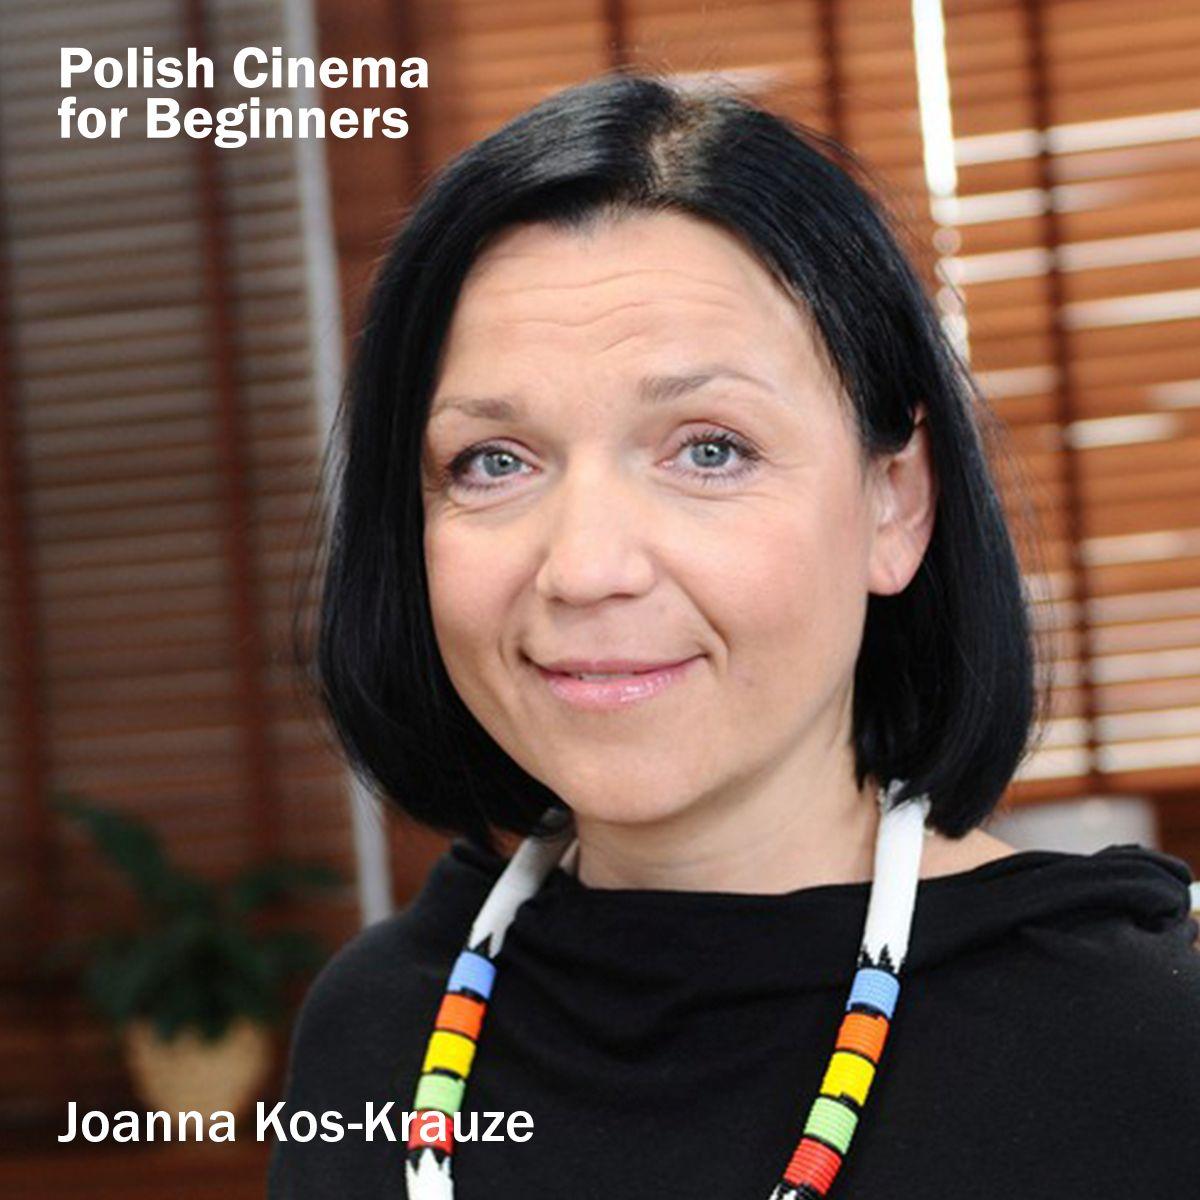 Joanna Kos-Krauze, fot. Polish Cinema for Beginners (źródło: materiały prasowe organizatora)